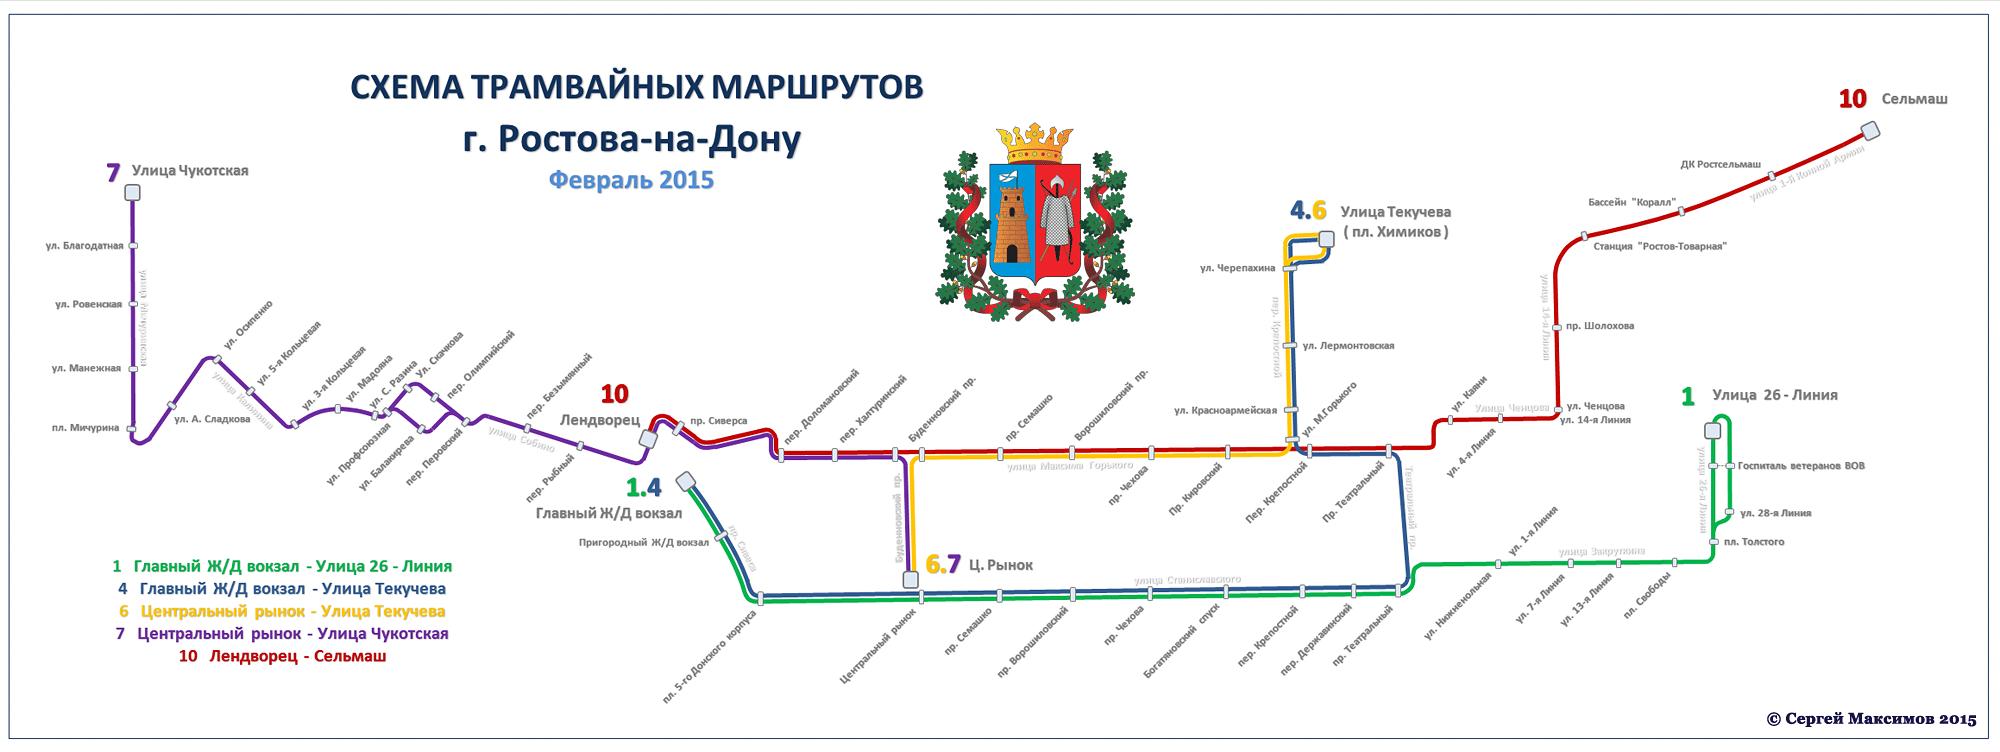 Схема маршруток ростова-на-дону